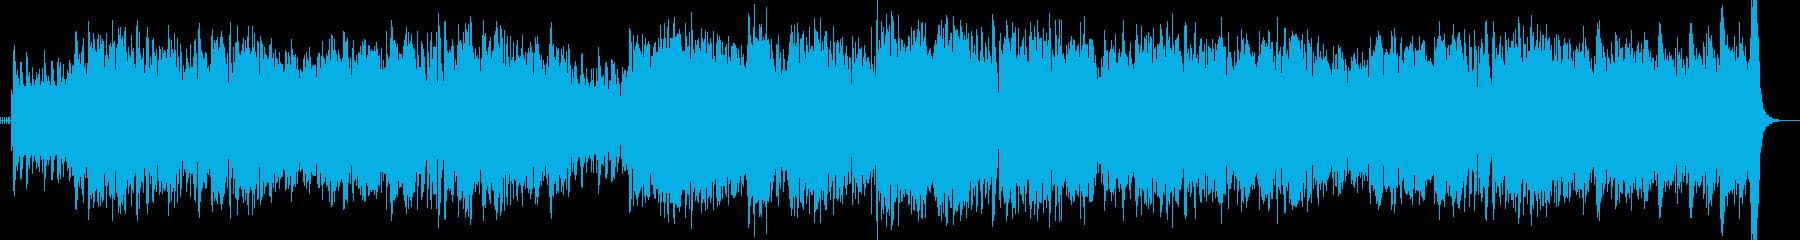 スタイリッシュ ジャズ アップテンポの再生済みの波形